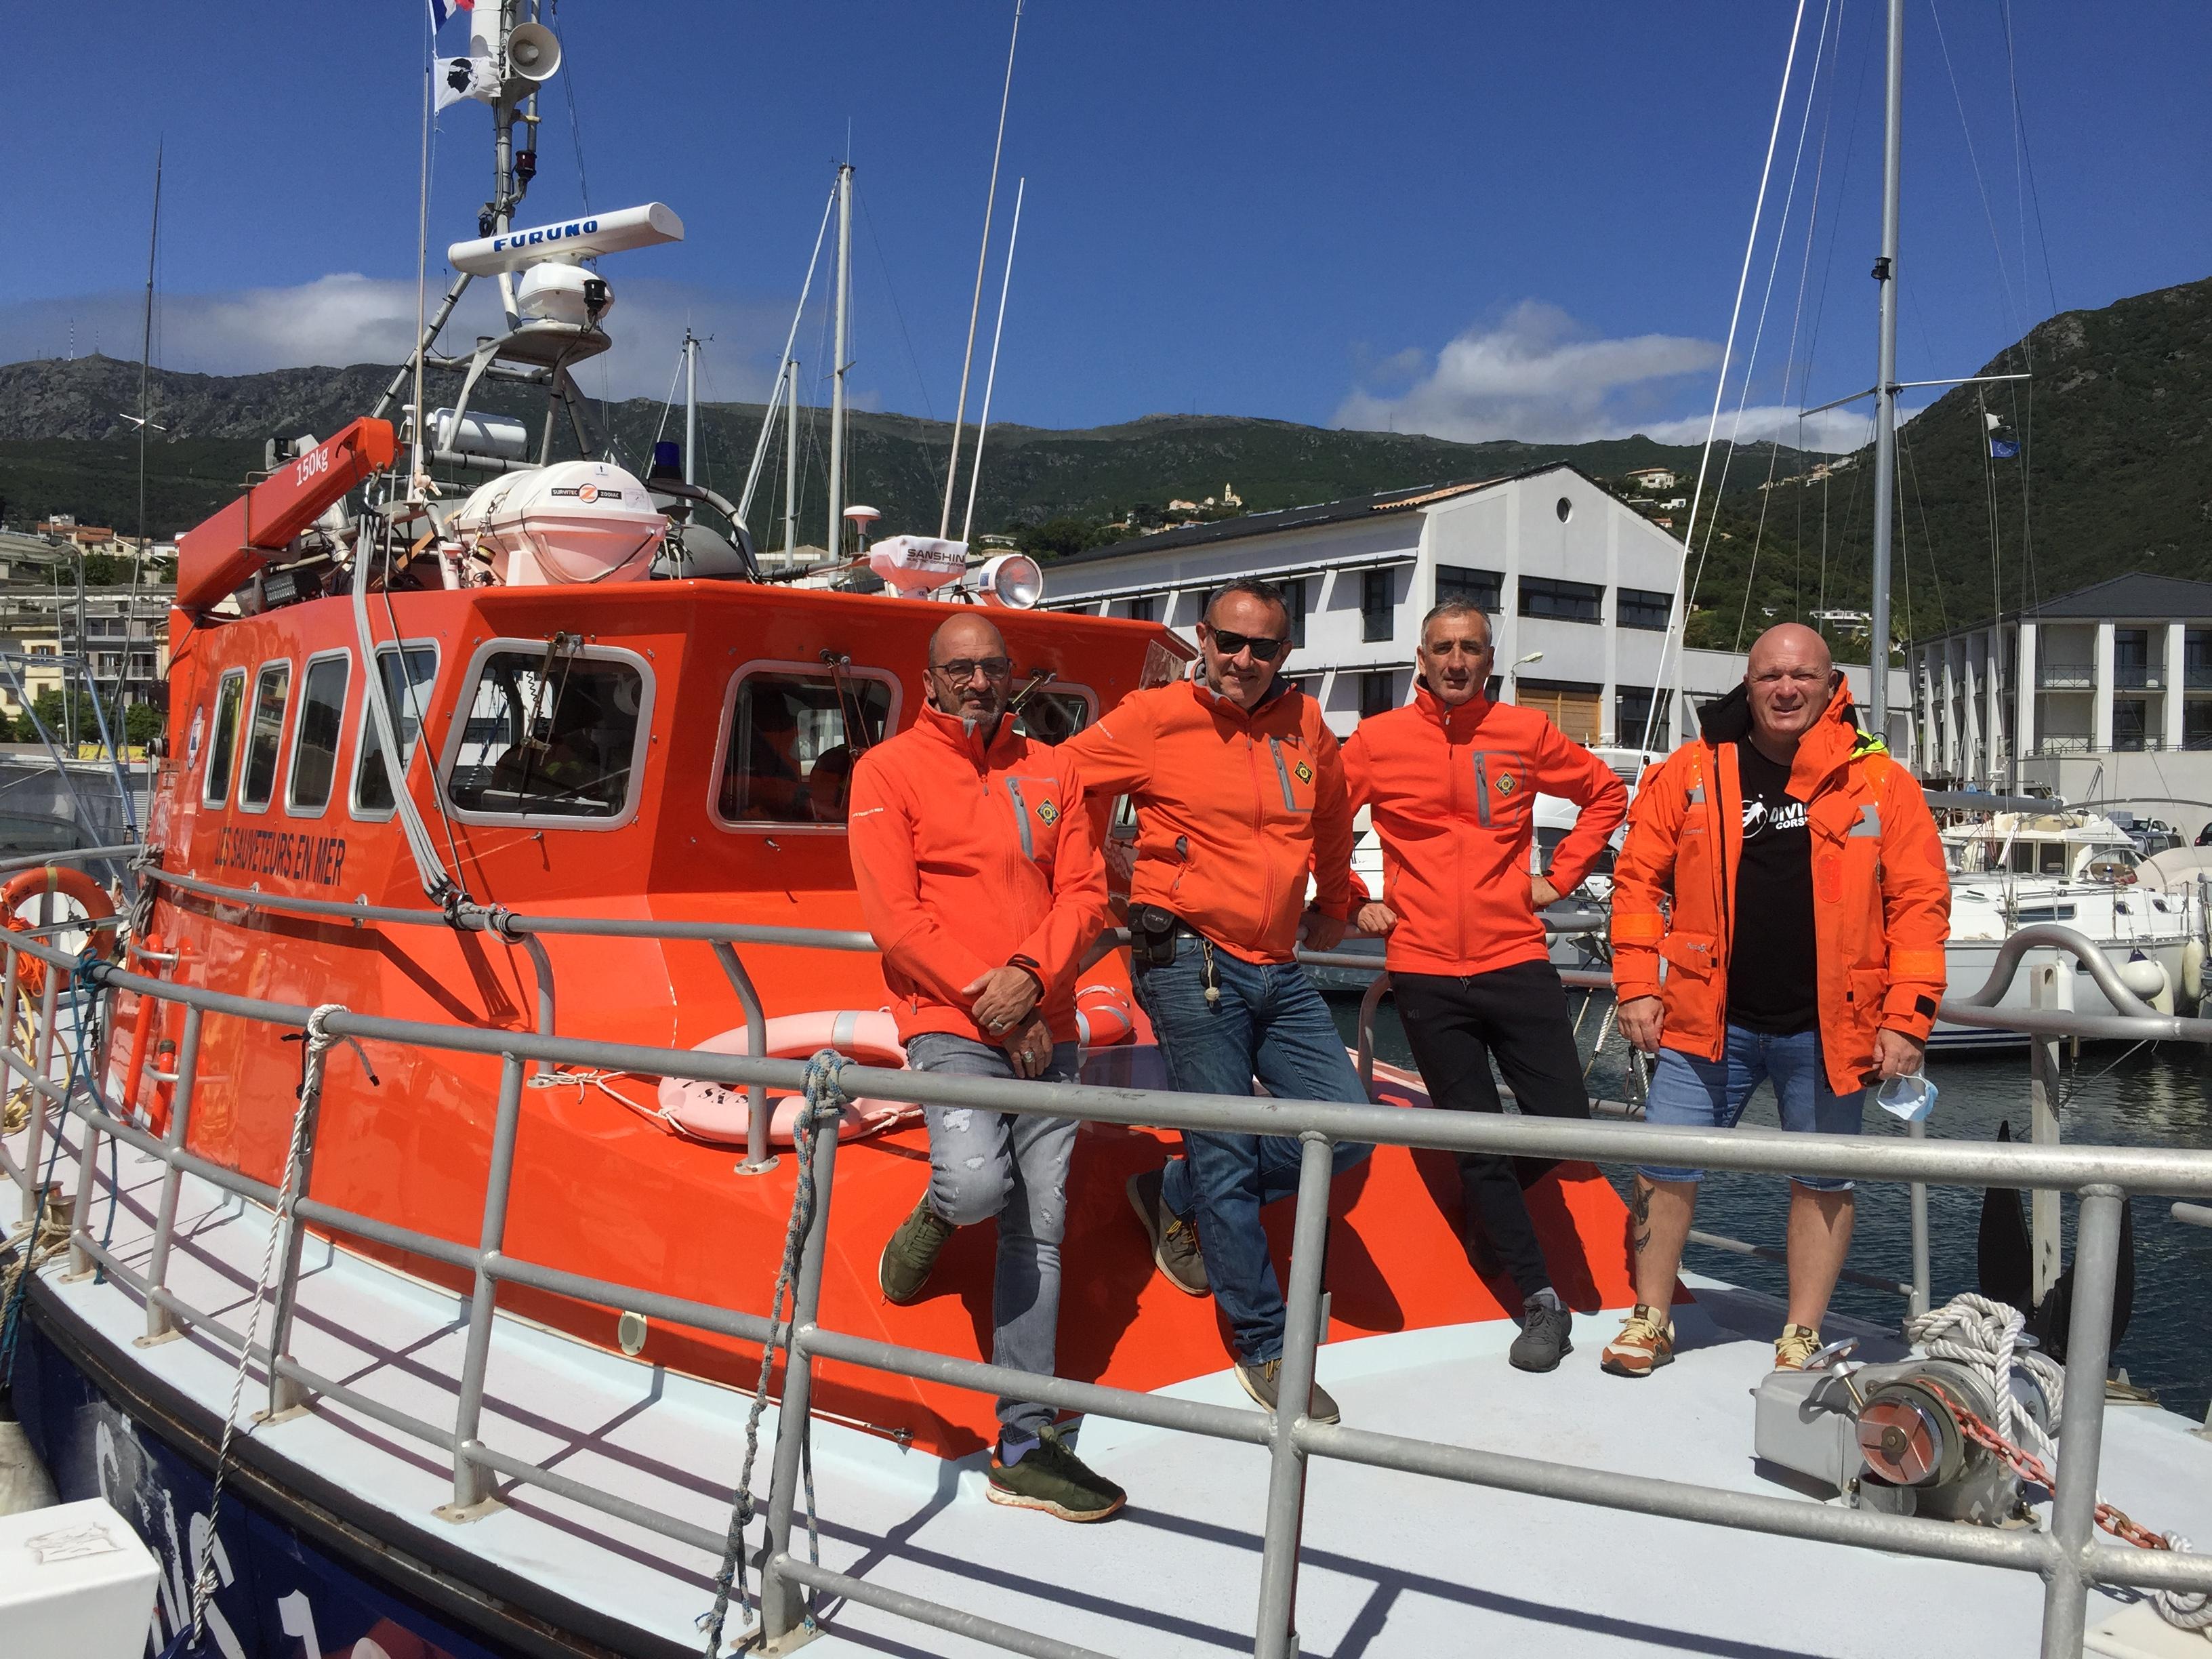 Quelques uns des bénévoles de la SNSM Bastia : Frédéric Pietri, Stéphane Lucchini, Marco Jaumon et Tony Viacara